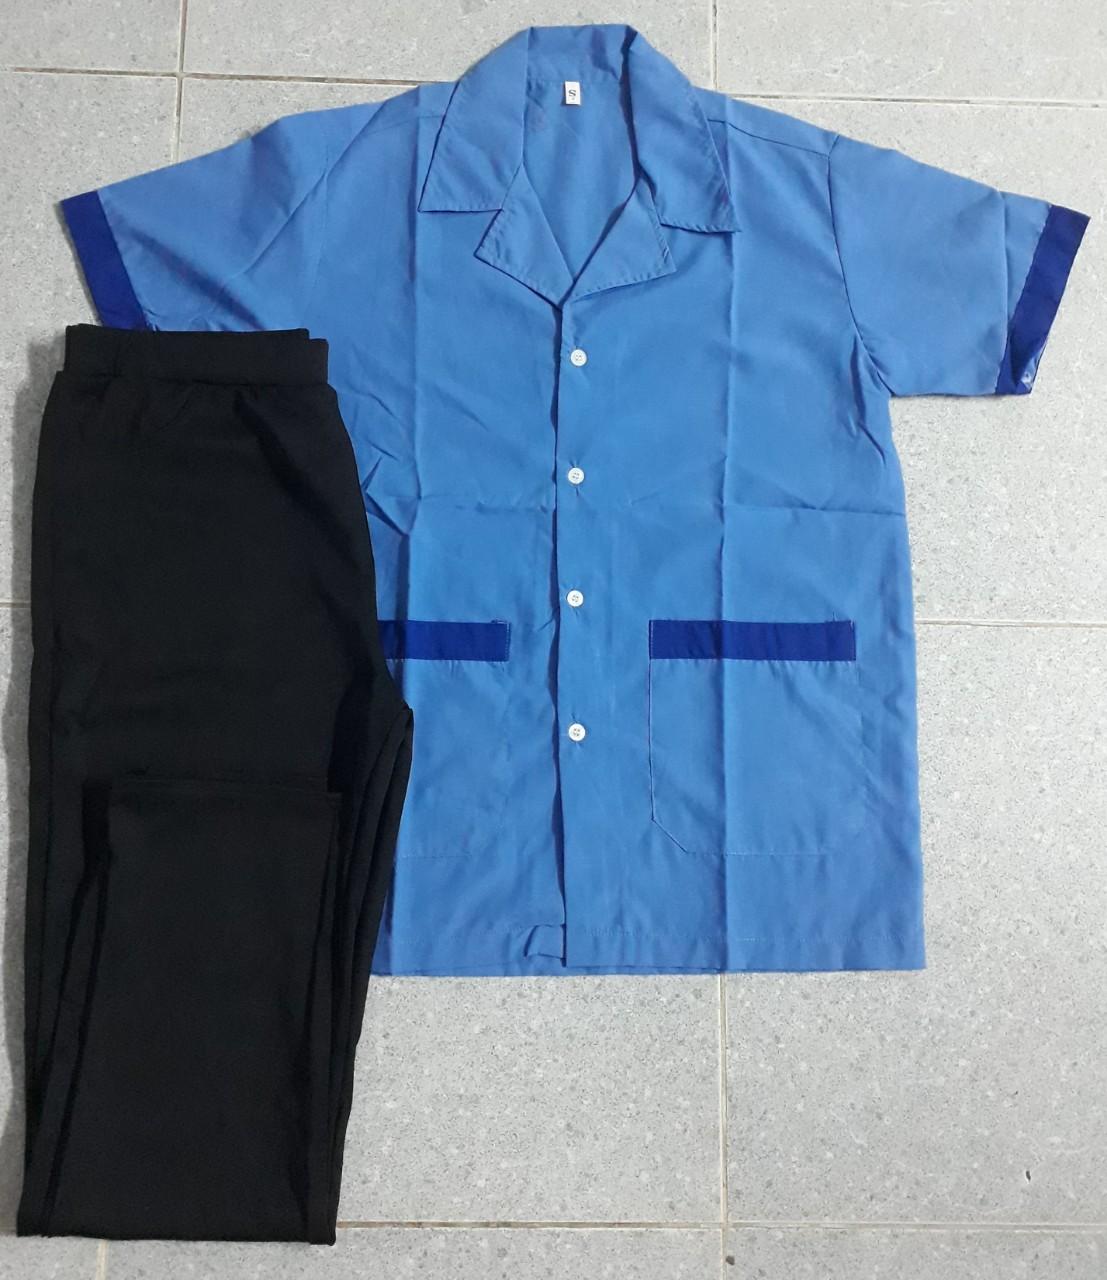 Bộ tạp vụ may sẵn áo xanh phối xanh quần thun đen